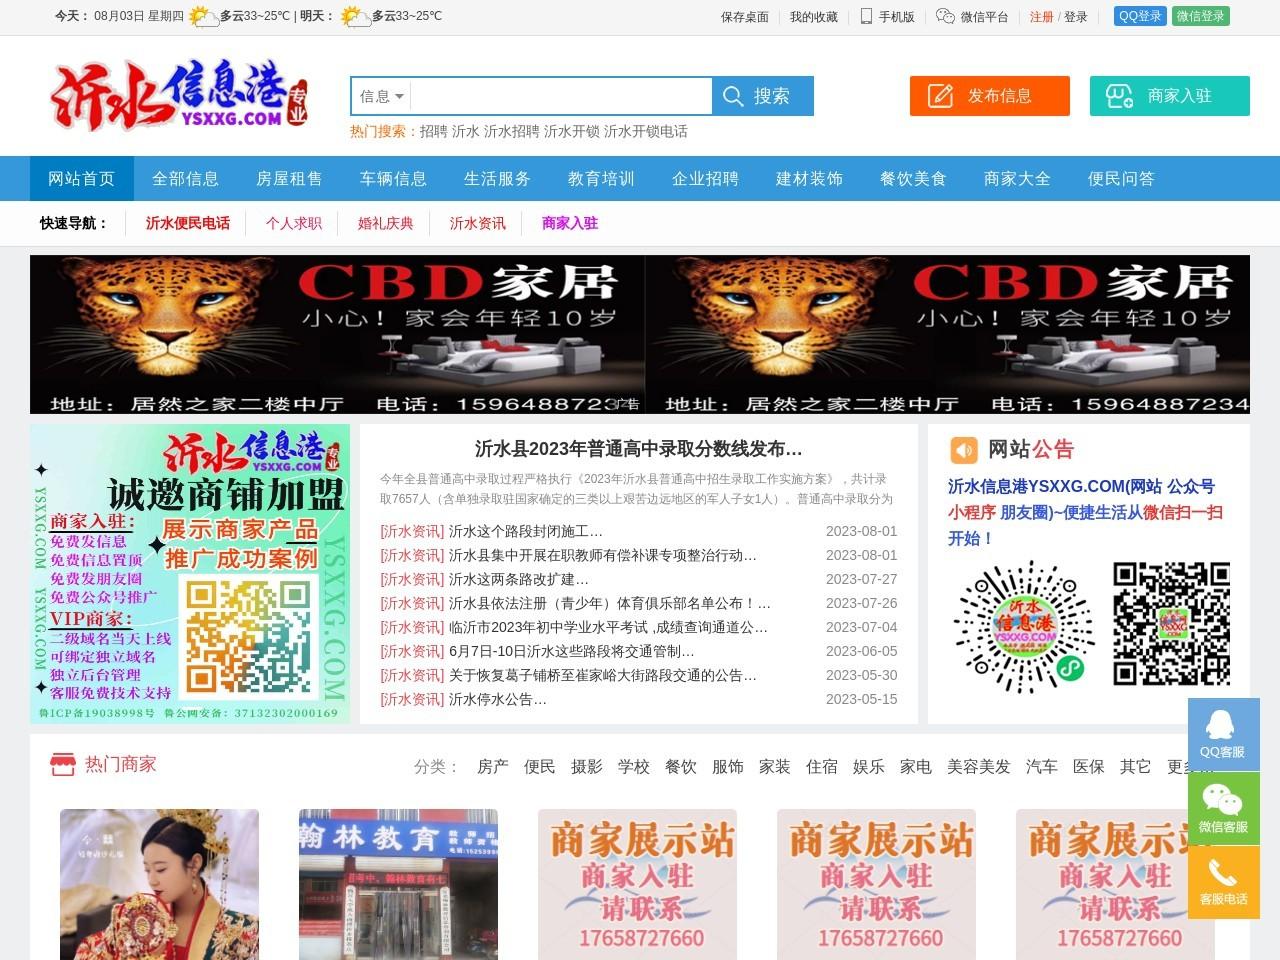 沂水信息港_沂水在线便民信息发布交流平台